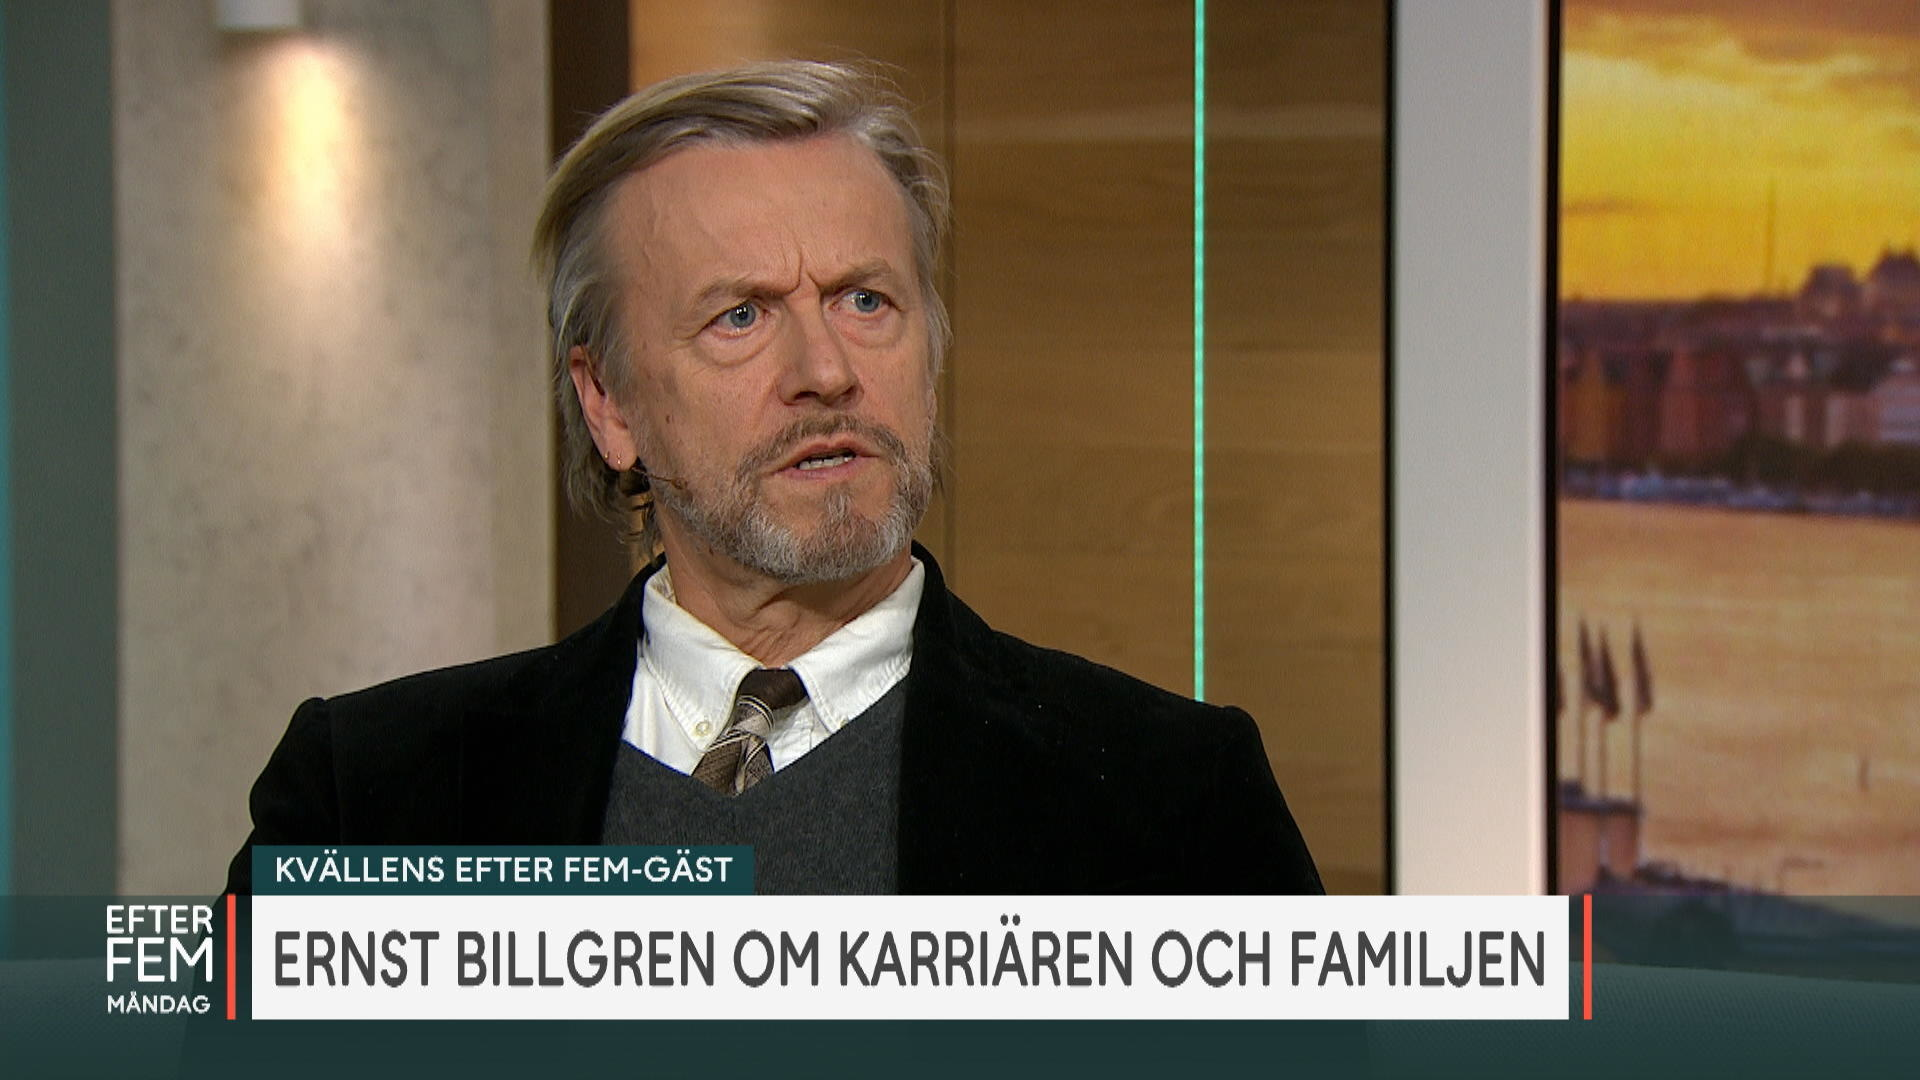 Här avslöjar Ernst Billgren bostadsbluffen